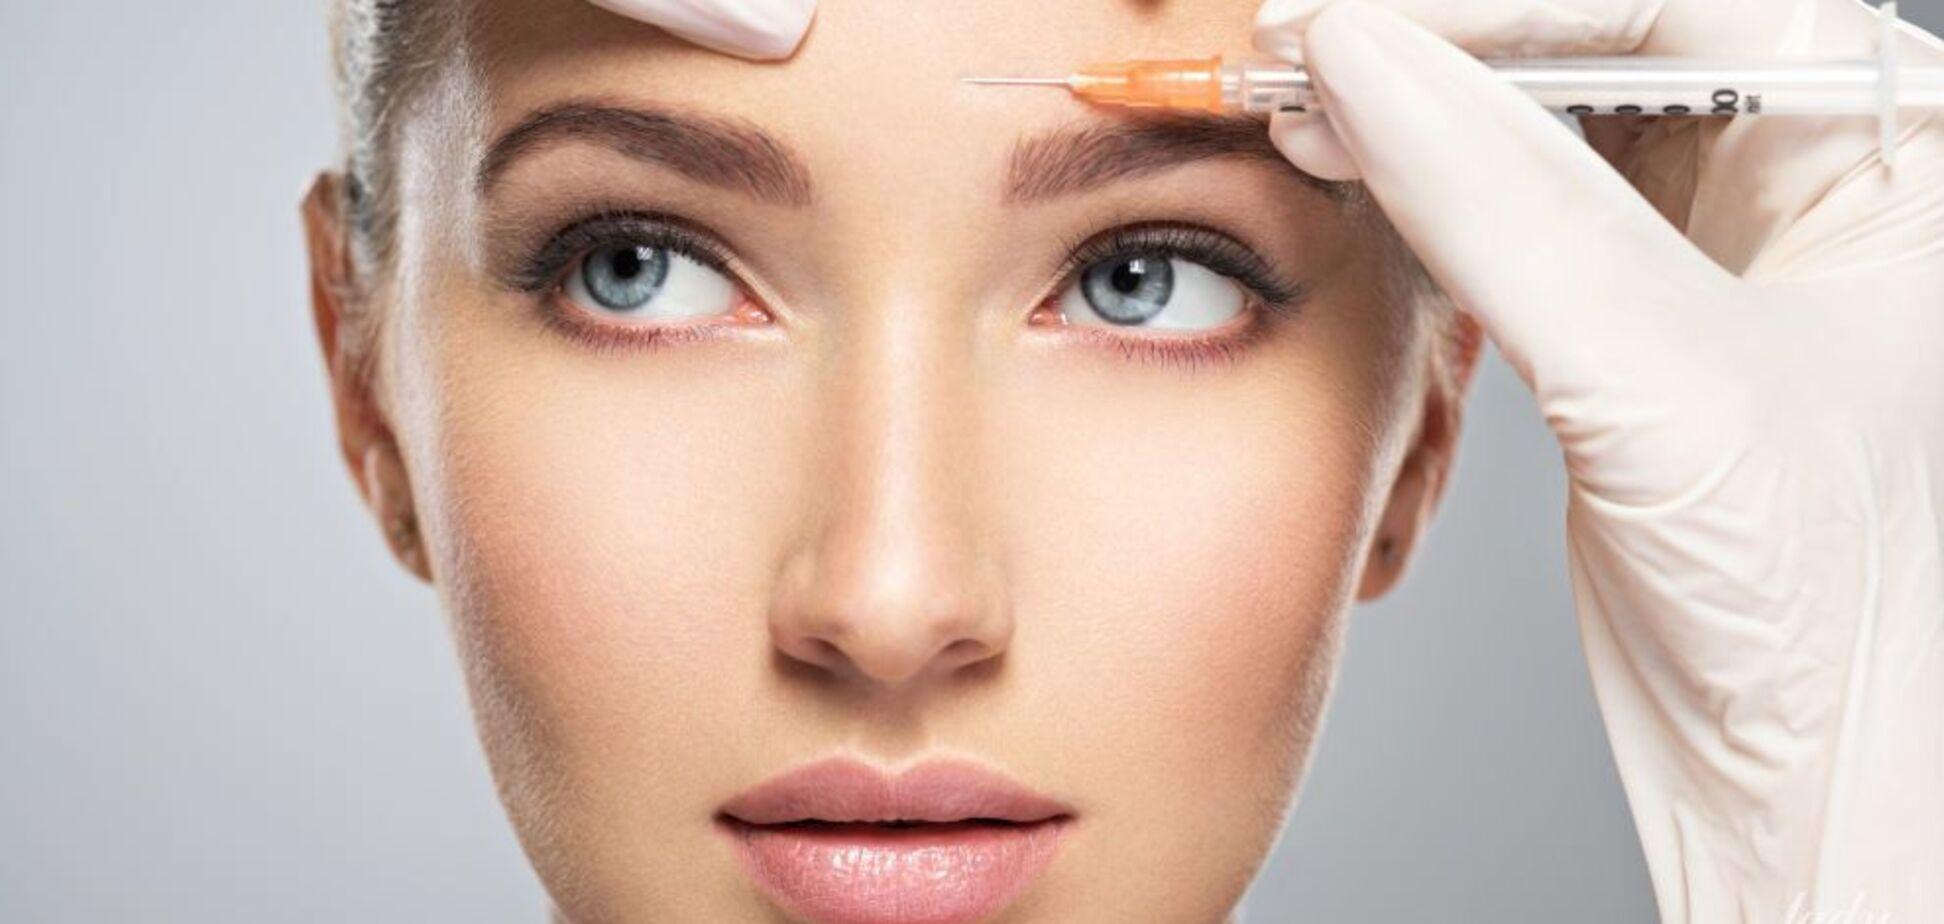 Офтальмолог розповів про небезпеку популярних косметичних процедур